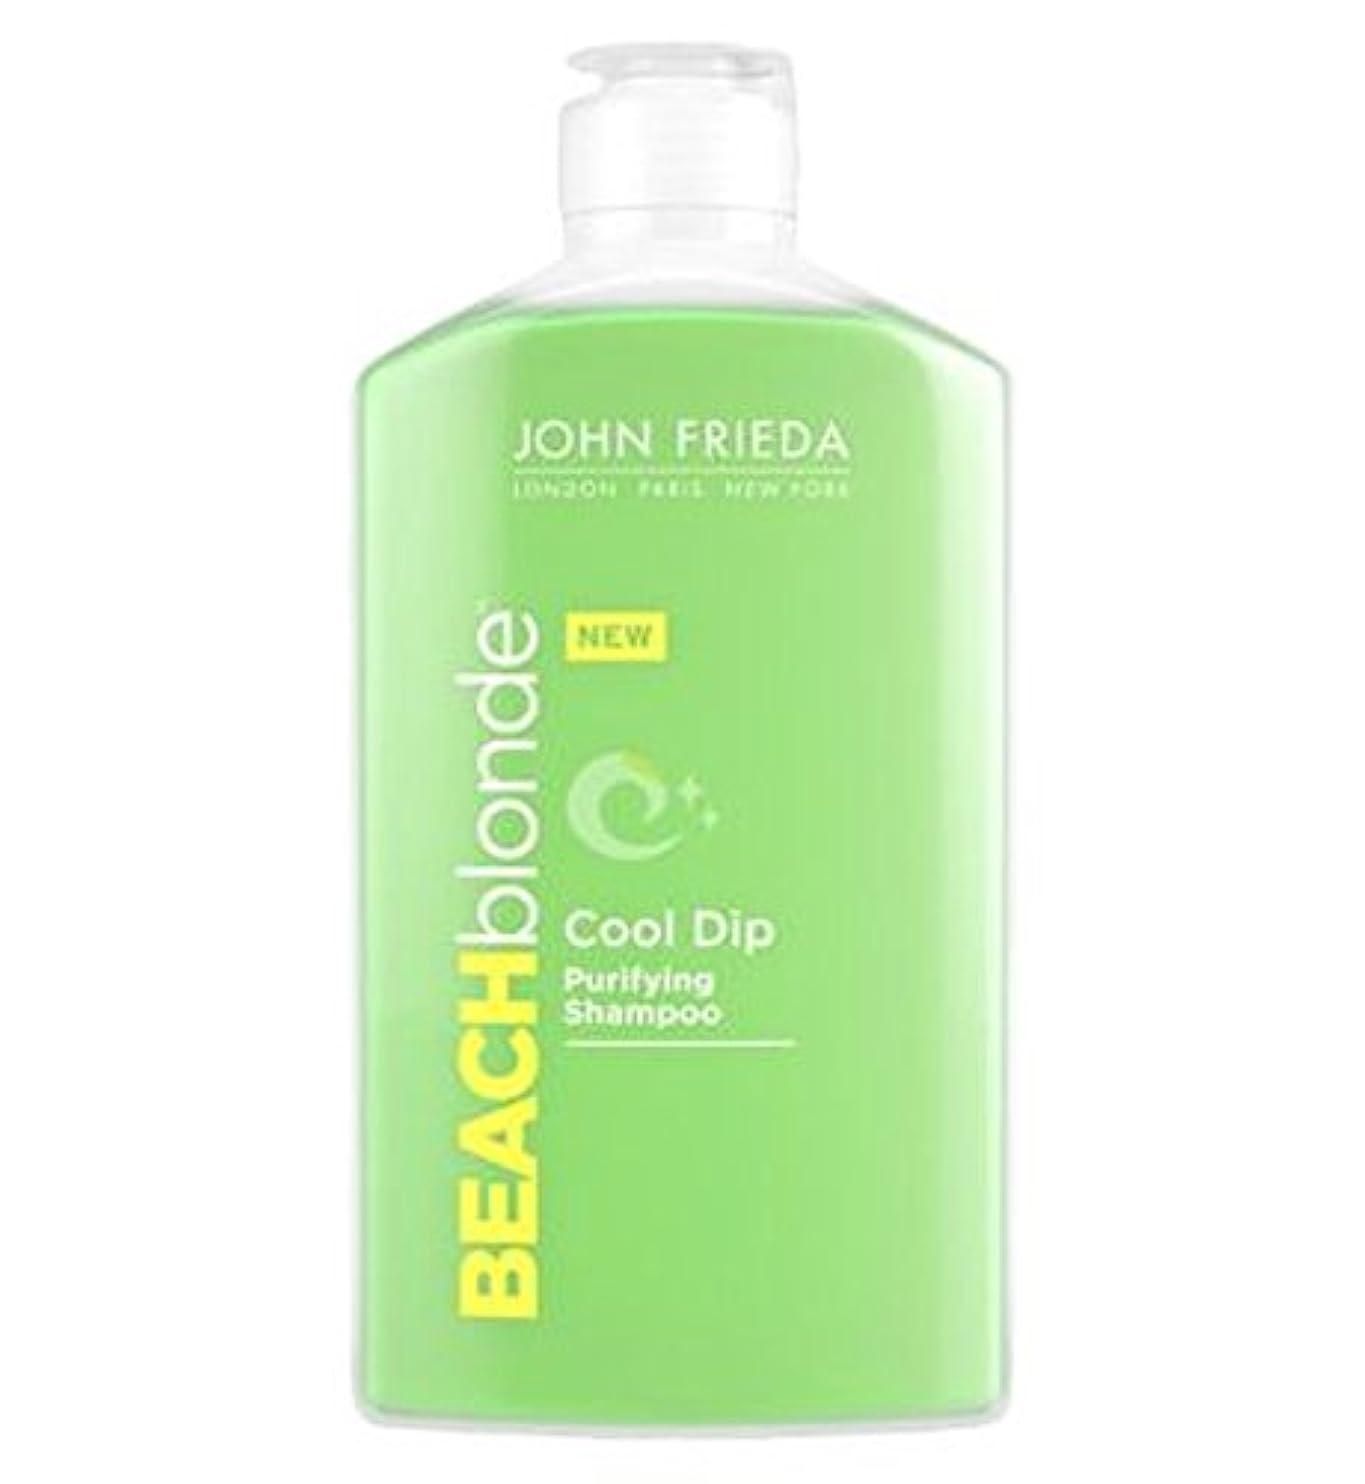 危機ウォーターフロント瞬時にジョン?フリーダビーチブロンドのクールなディップ浄化シャンプー250ミリリットル (John Frieda) (x2) - John Frieda Beach Blonde Cool Dip Purifying Shampoo 250ml (Pack of 2) [並行輸入品]